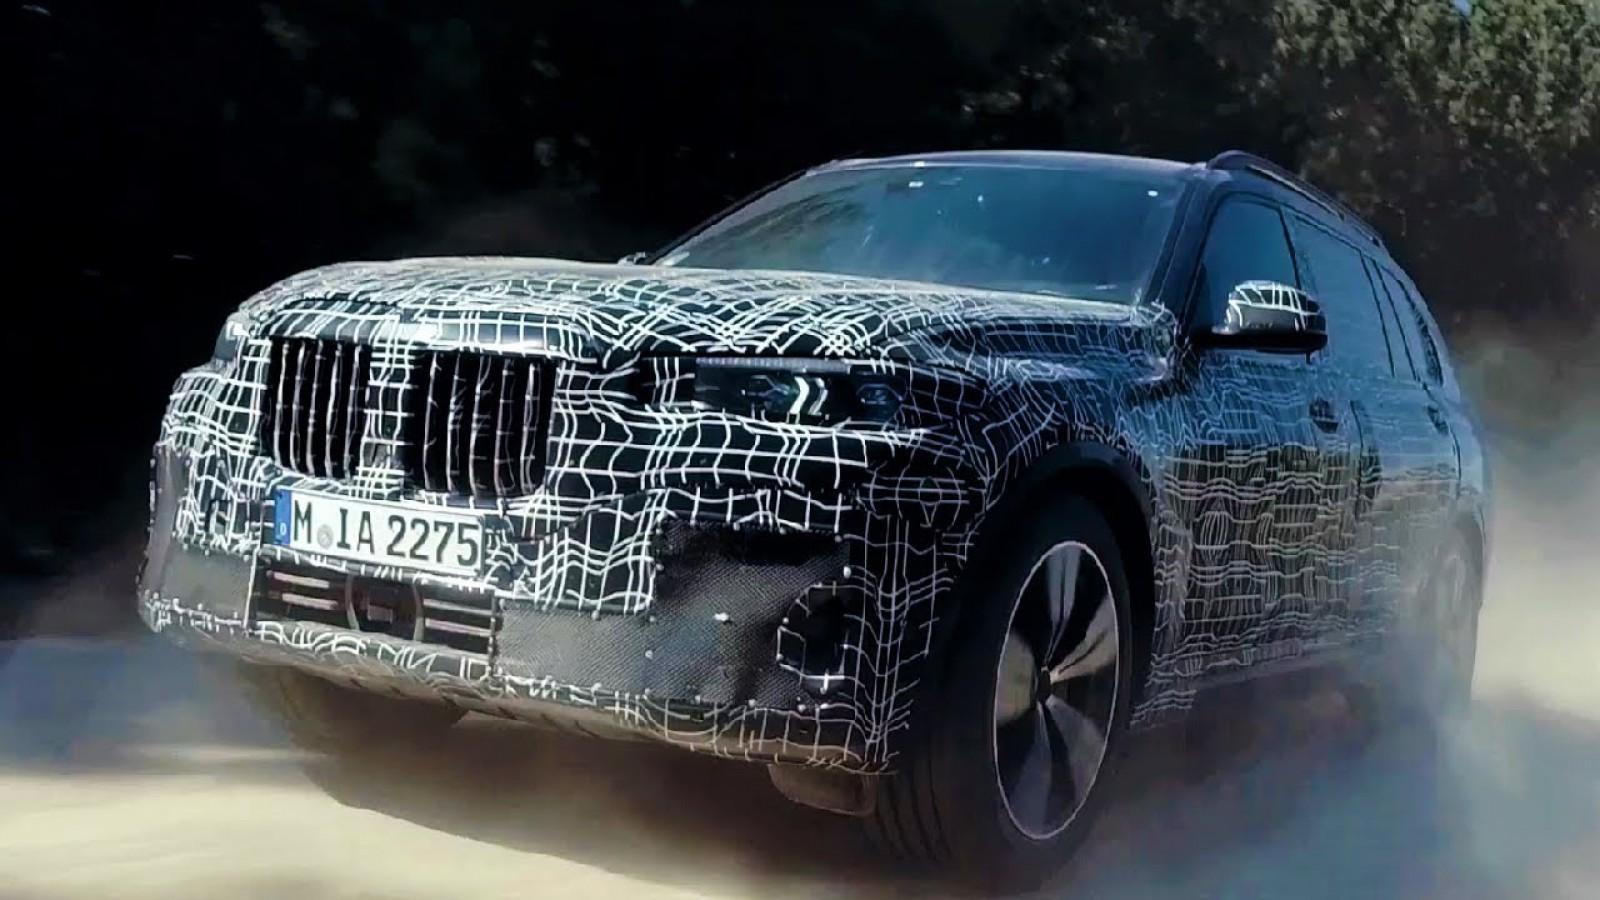 Încercările la care a fost supus noul BMW X7. Primele imagini video oficiale din cadrul testelor